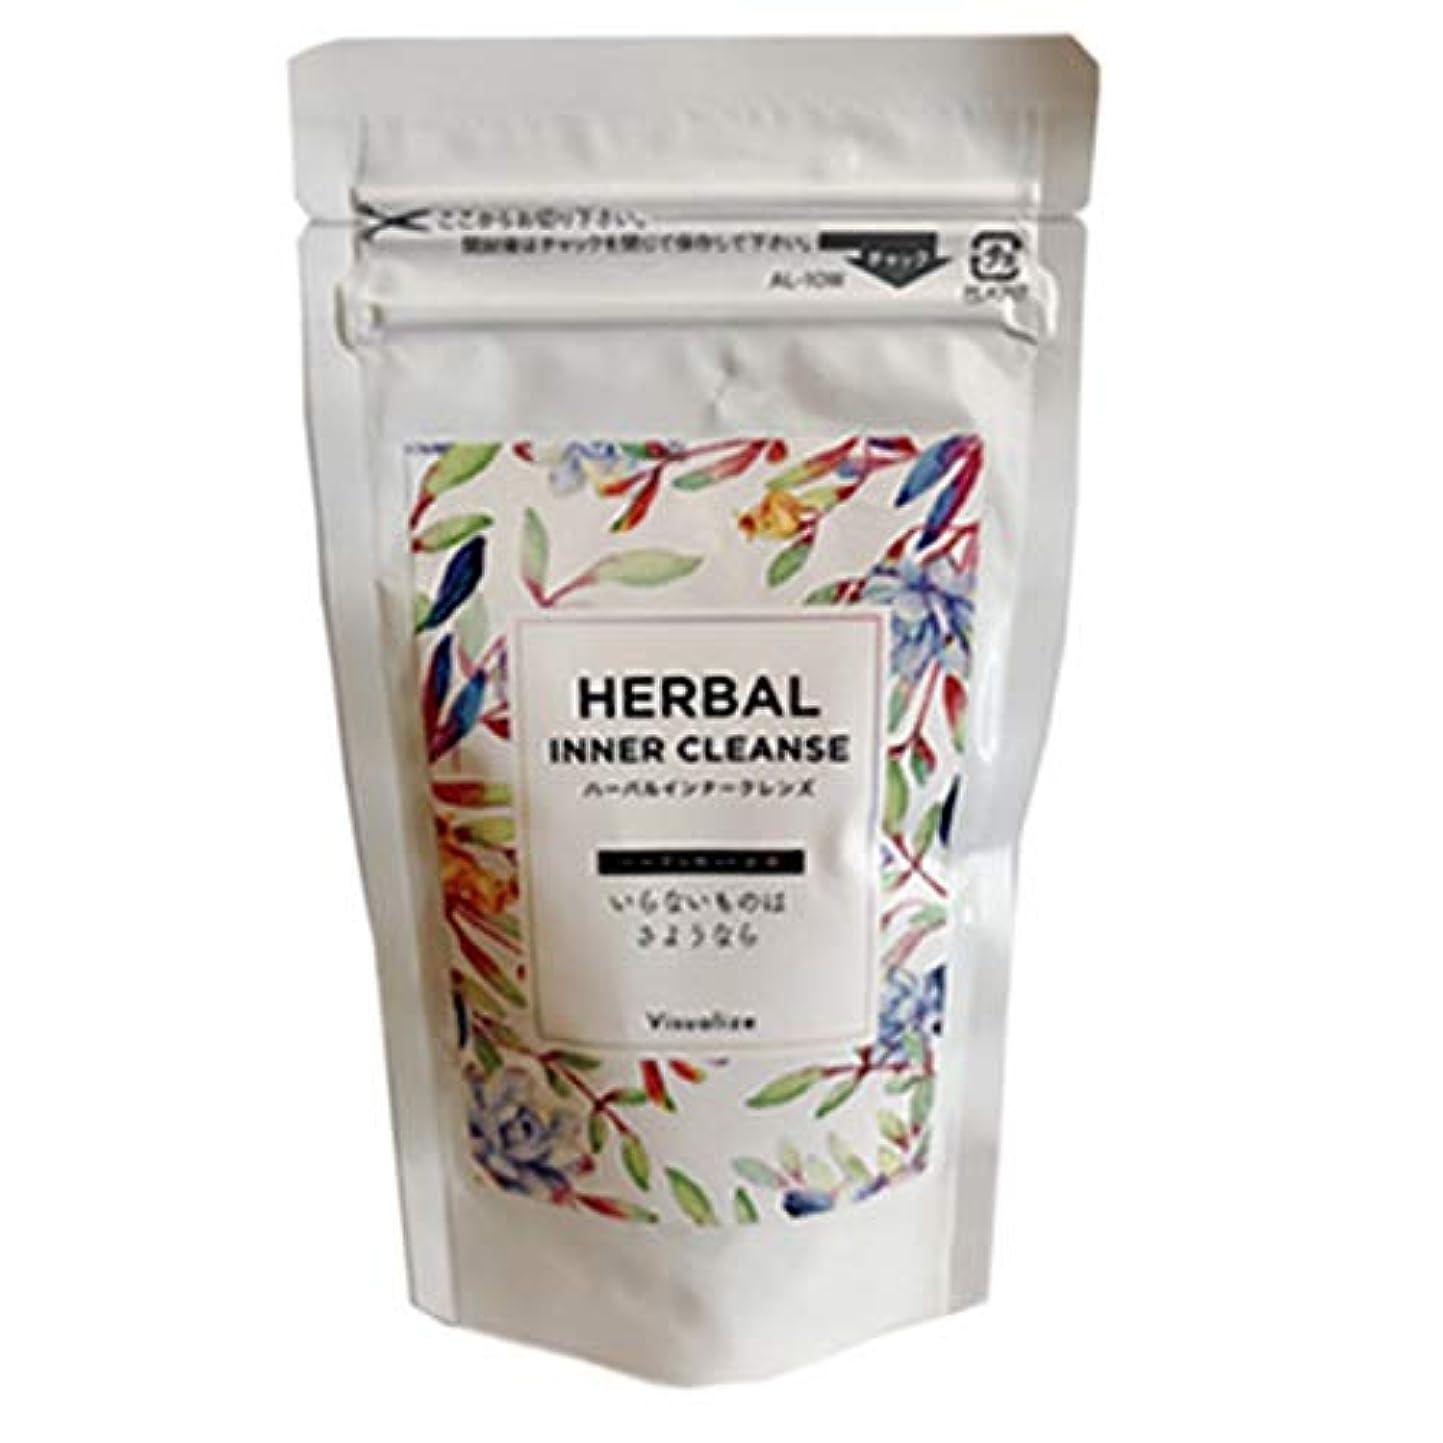 予想外感嘆明日ハーバルインナークレンズ Herbal INNER CLEANZE (150粒(tablets))2019/1/8より順次発送